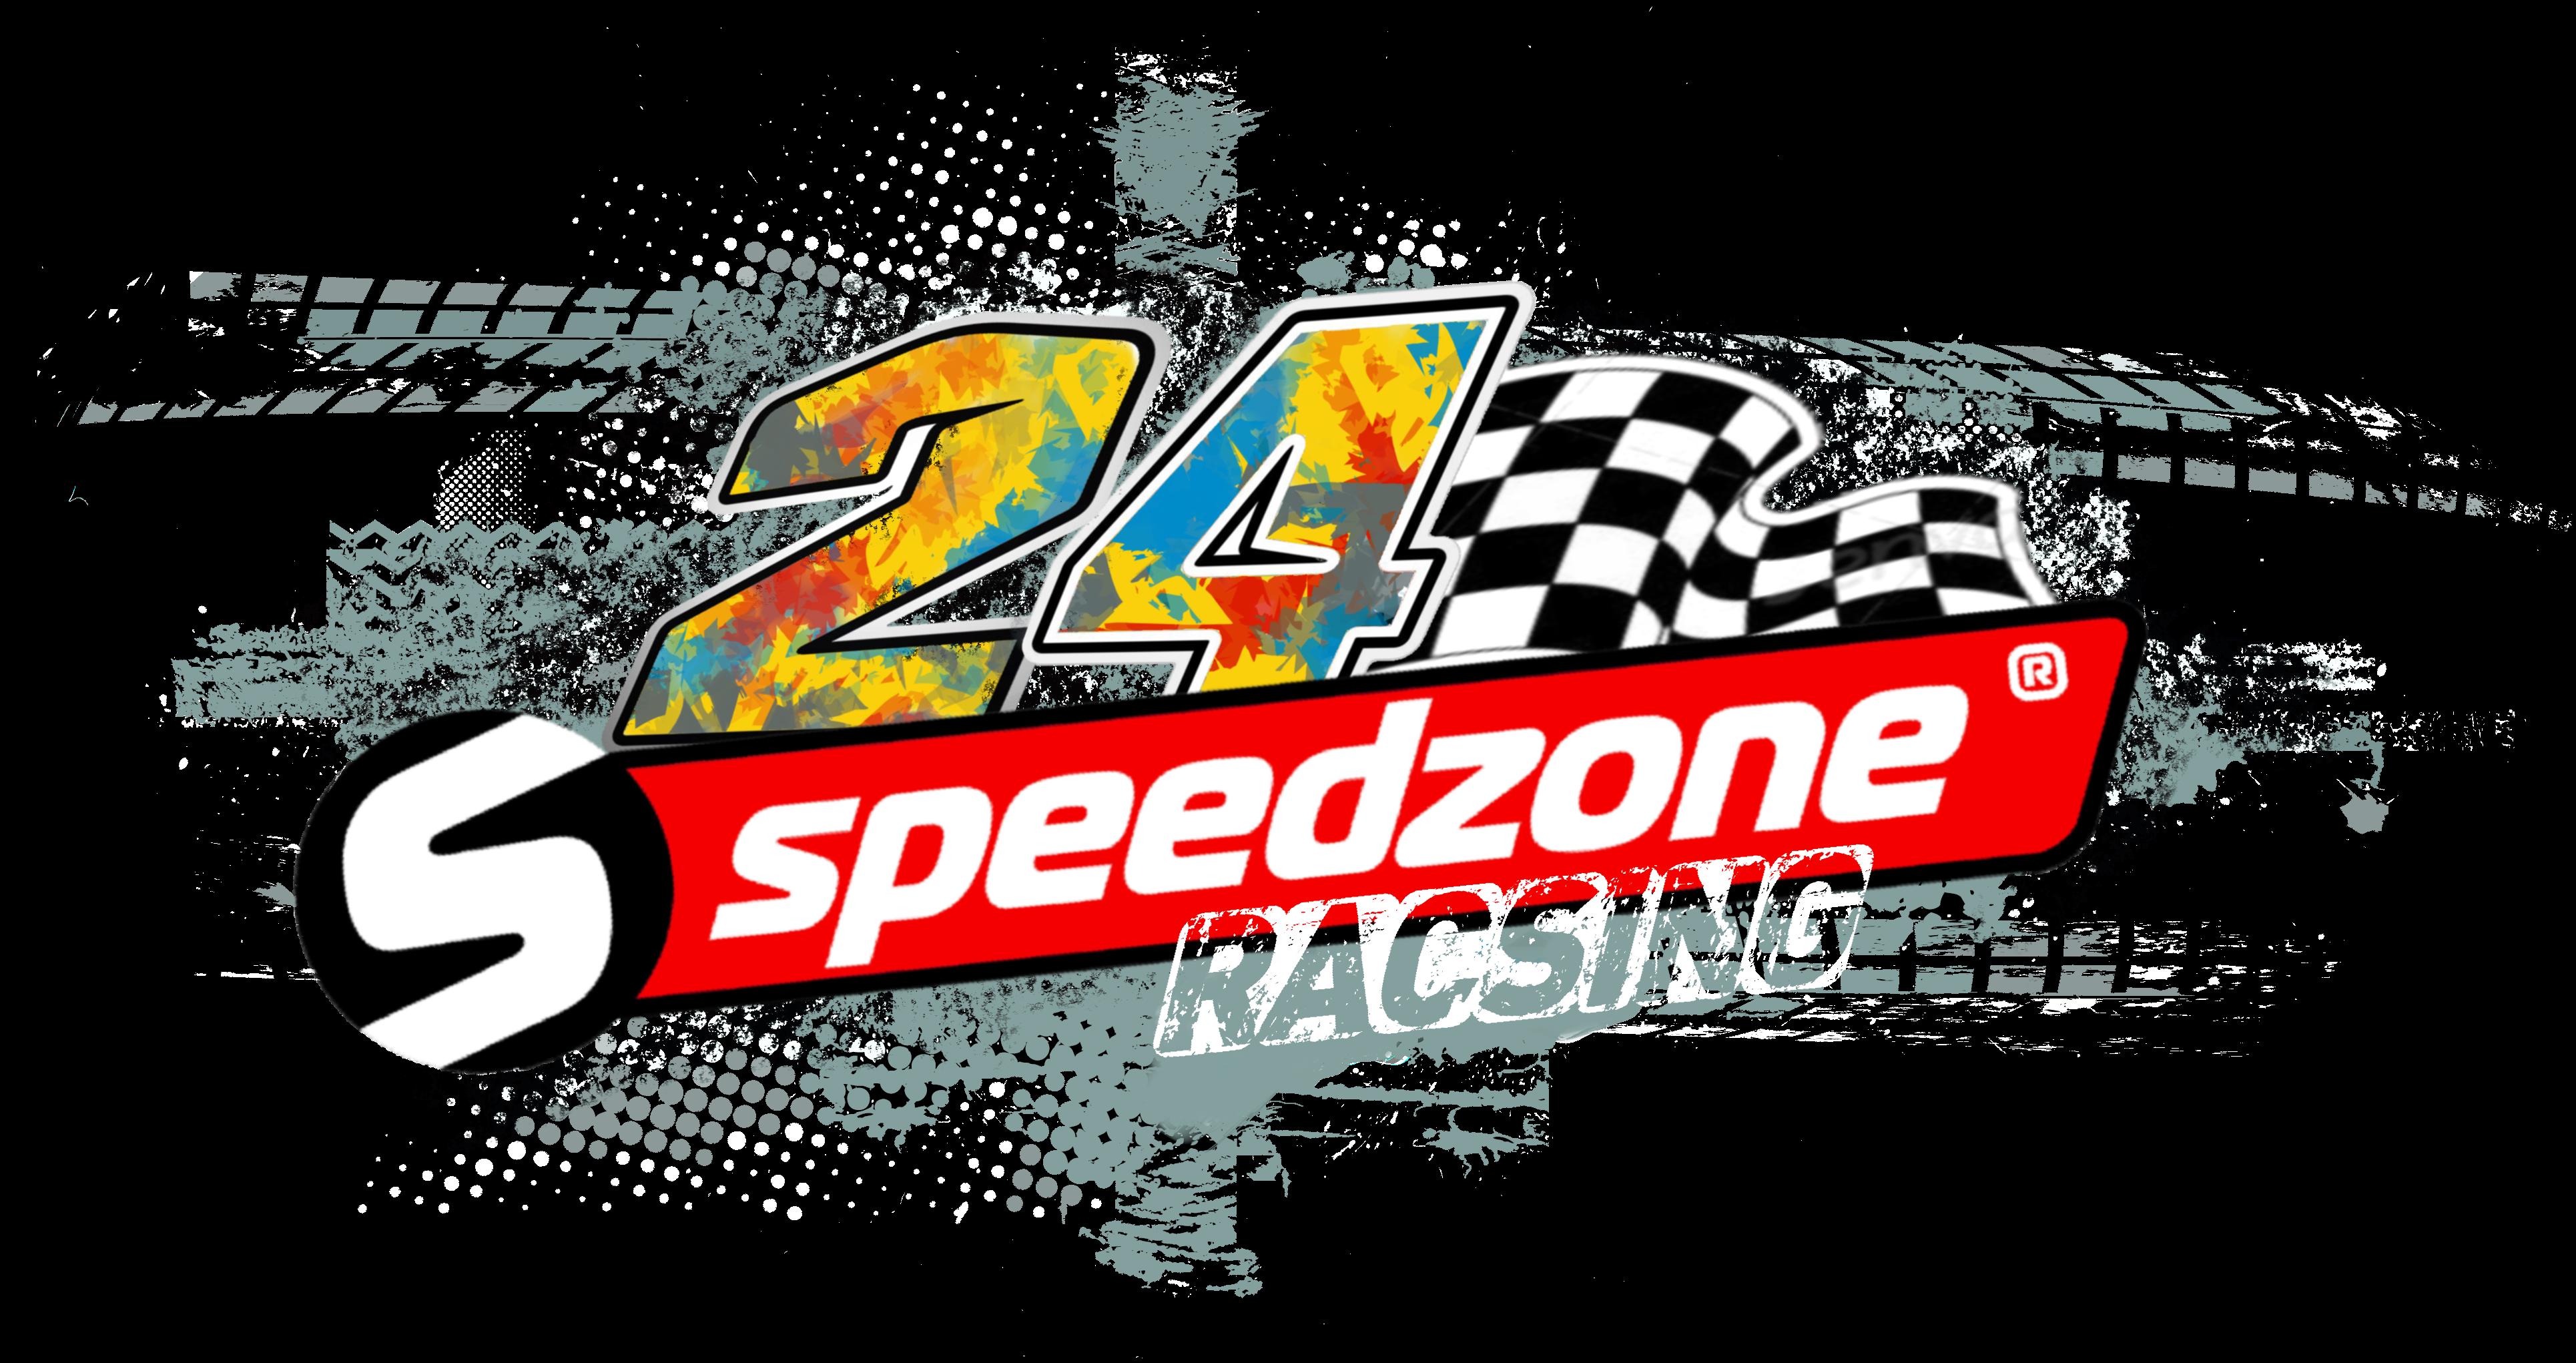 Speedzone Hoonigans